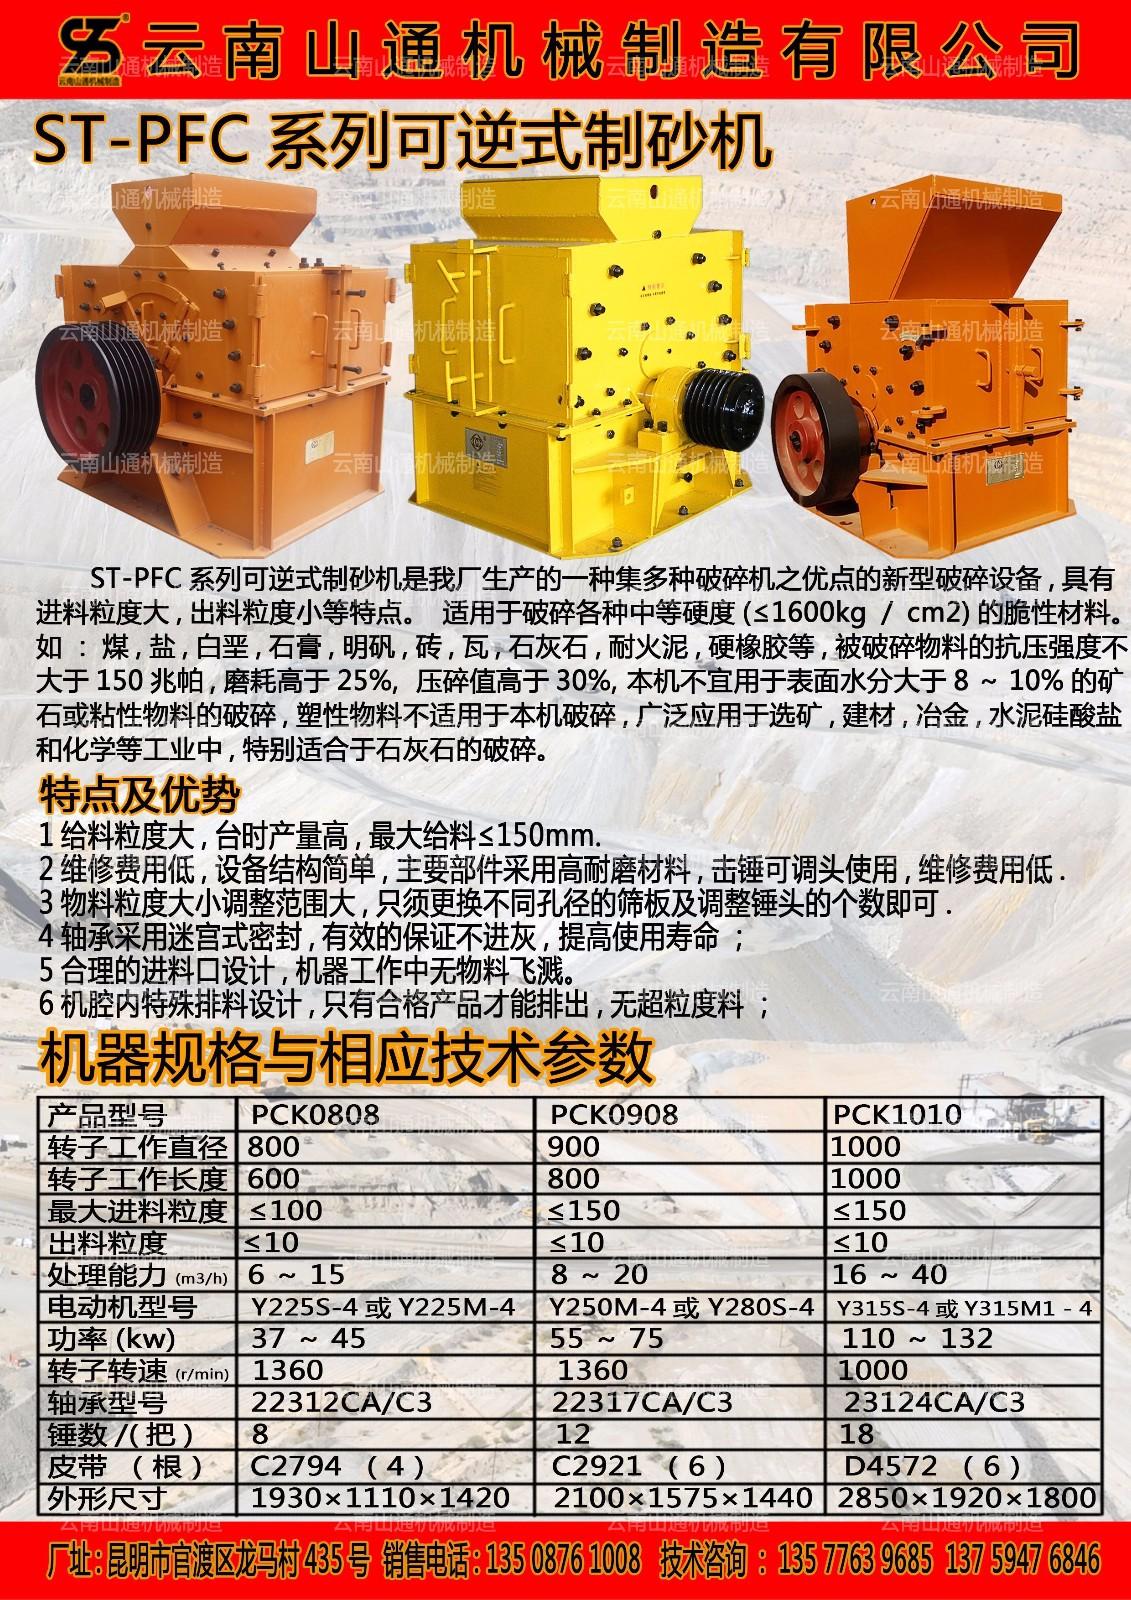 10PCK可逆锤式制砂机.jpg